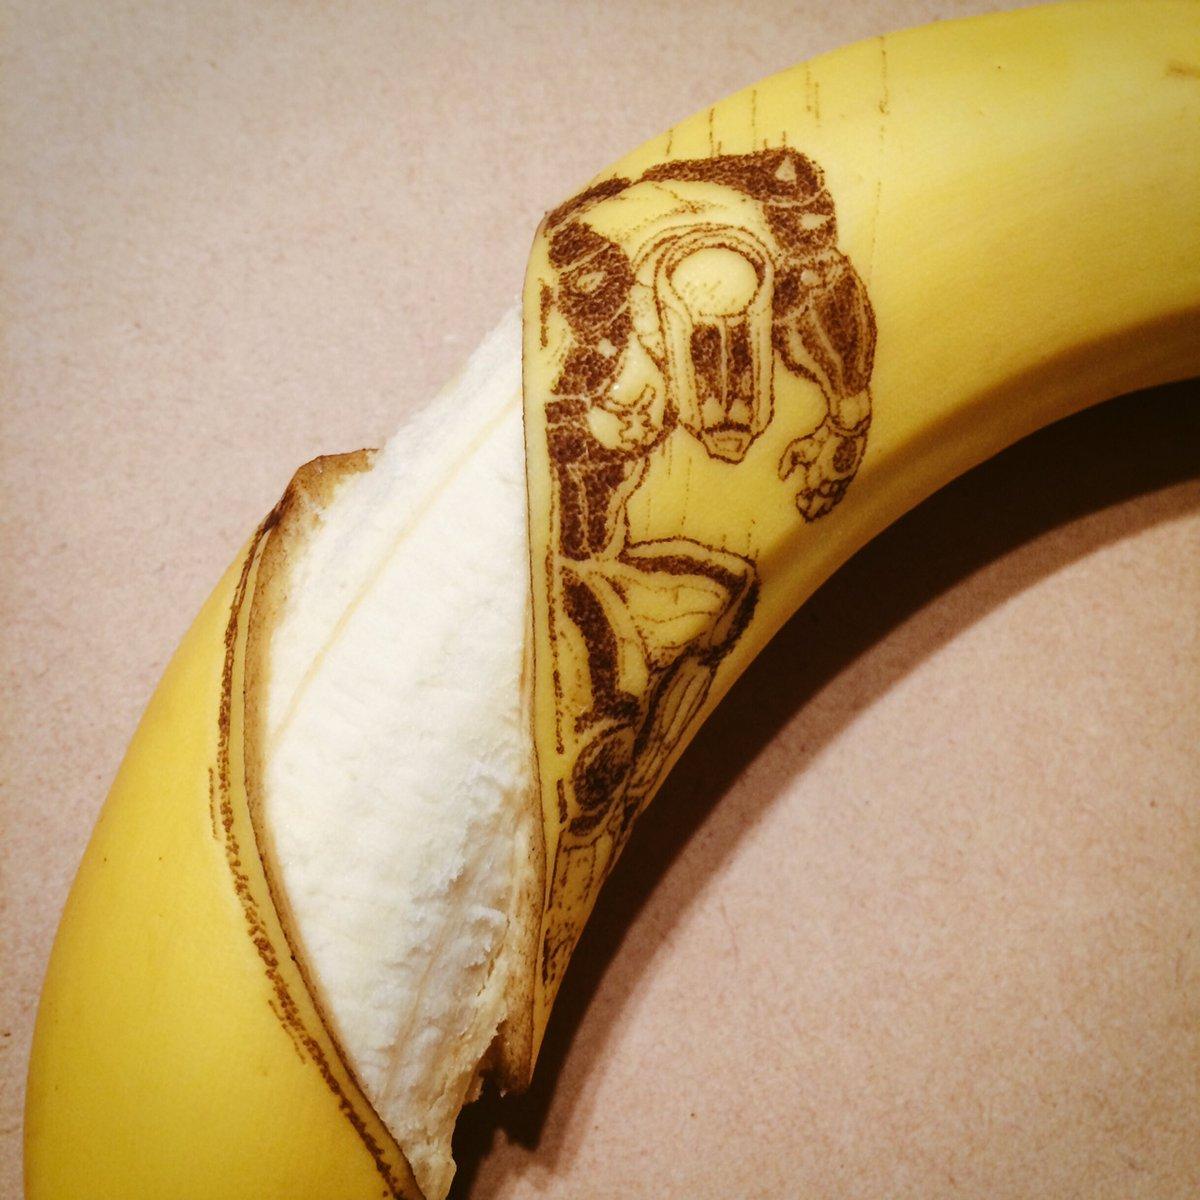 押しピンで皮に穴を開け変色させて描くザ・ハンドにかかればバナナすらけずり取るッ!  ガォン! #jojo_anime #スタンド #バナナート https://t.co/C0FrqjXh0o